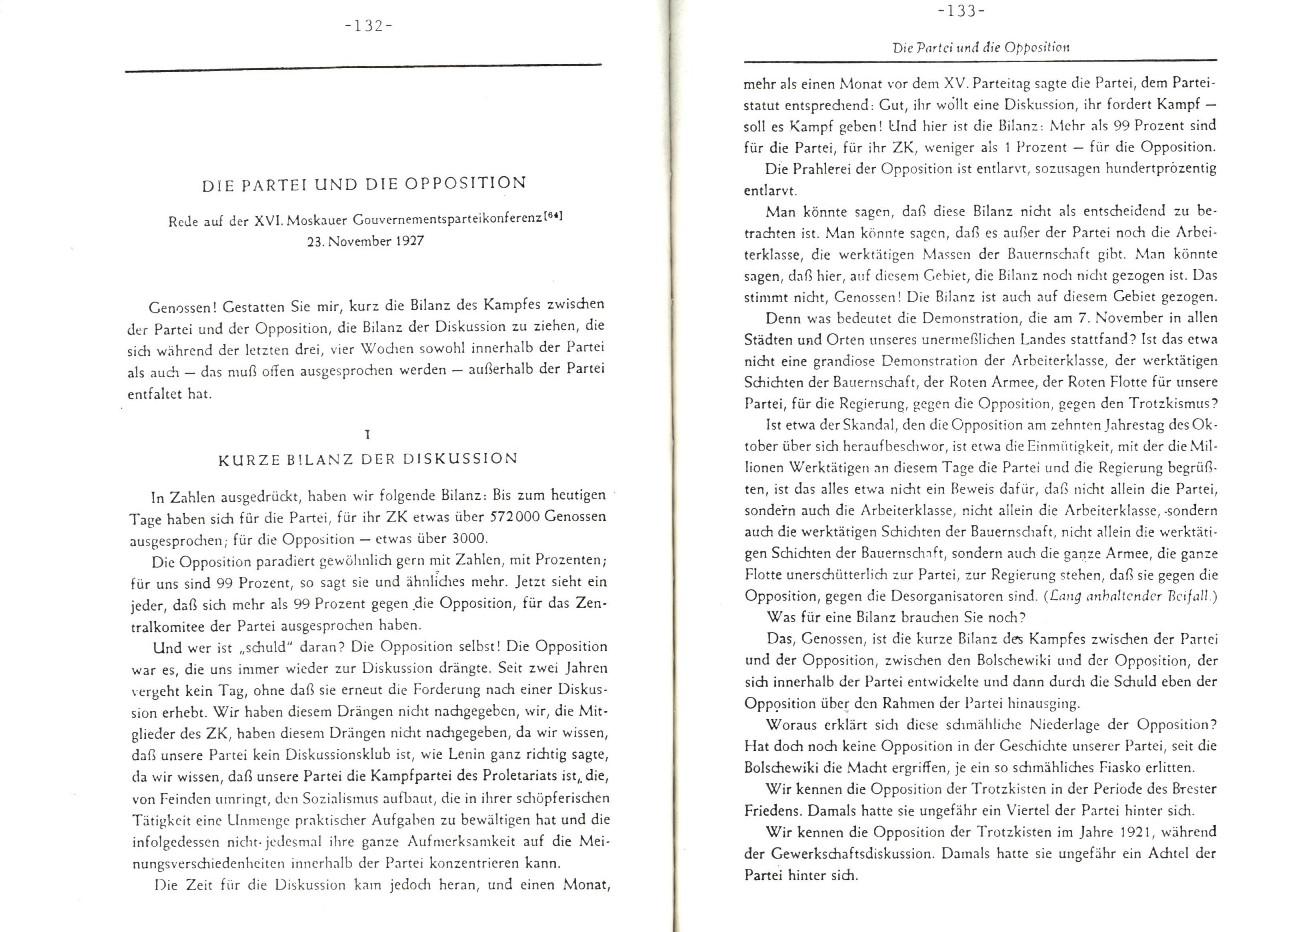 MLSK_Theorie_und_Praxis_des_ML_1979_25_67